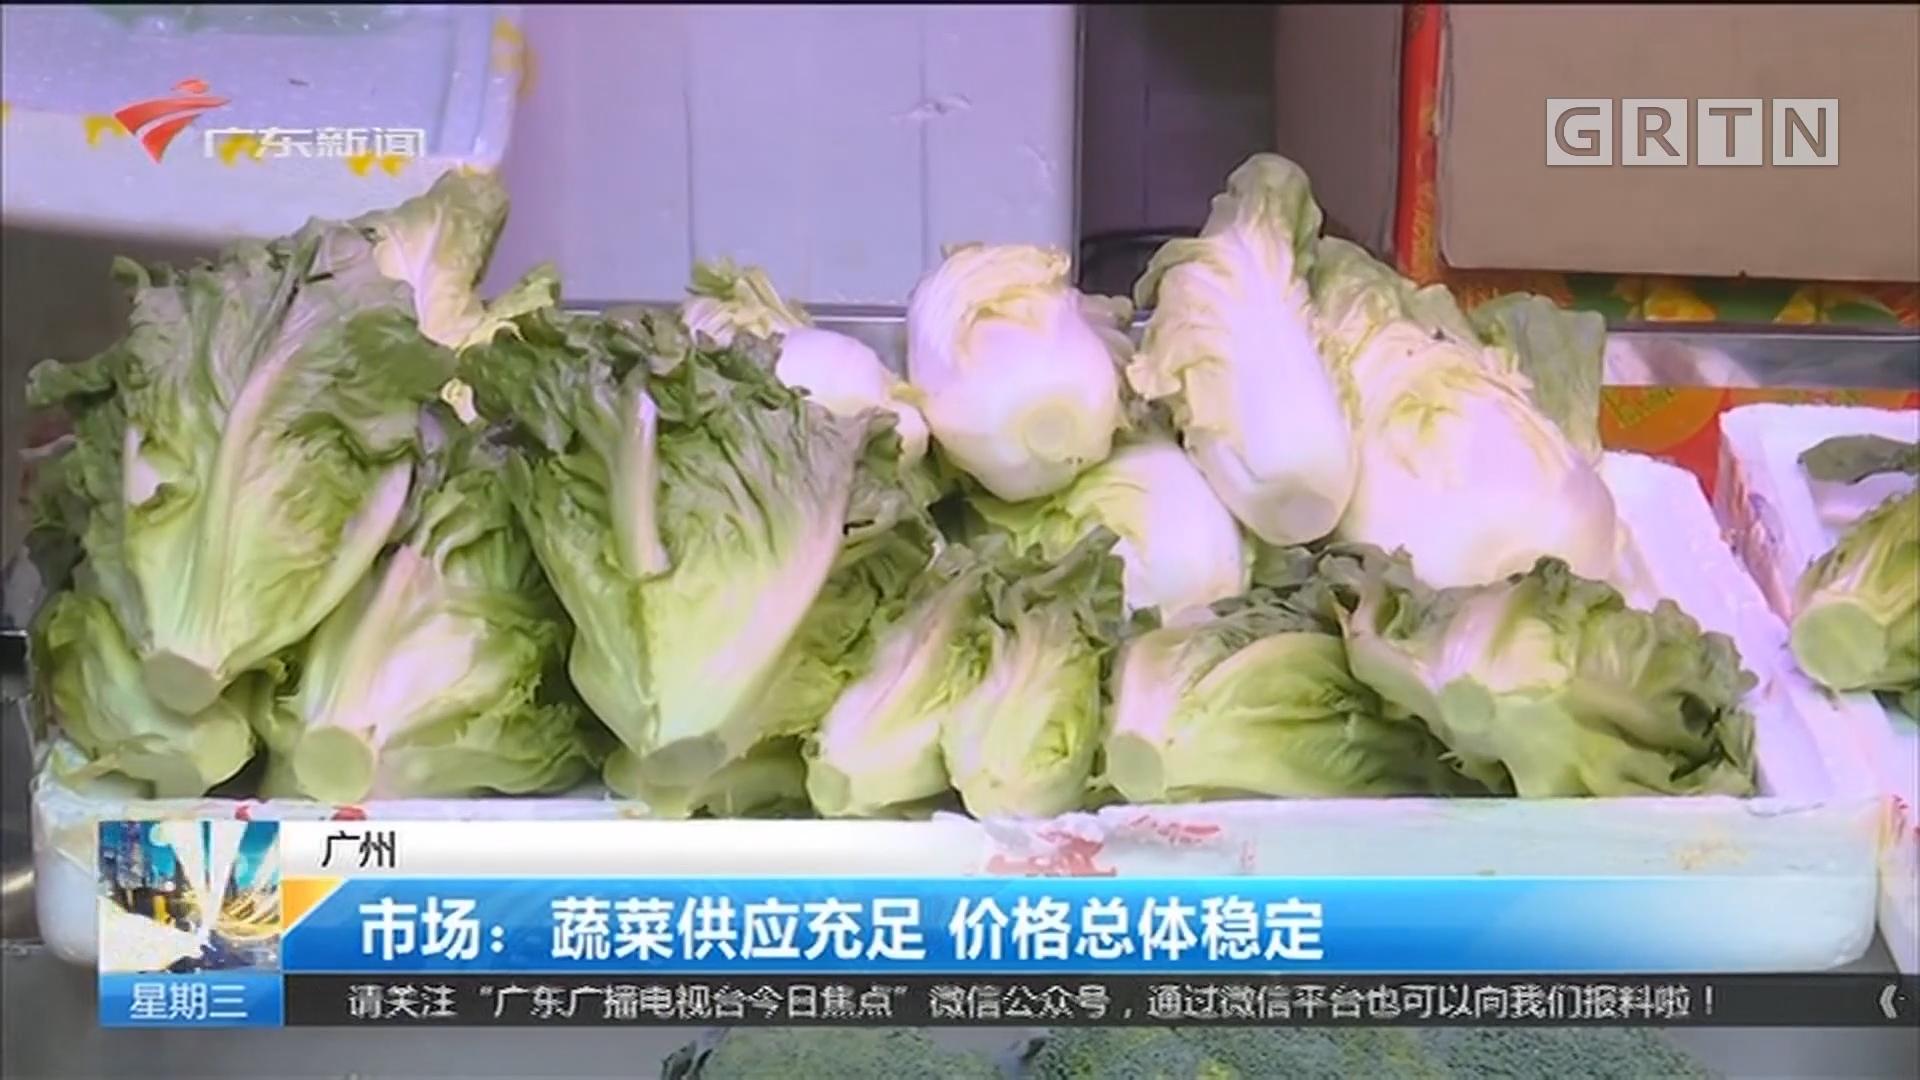 广州 市场:蔬菜供应充足 价格总体稳定